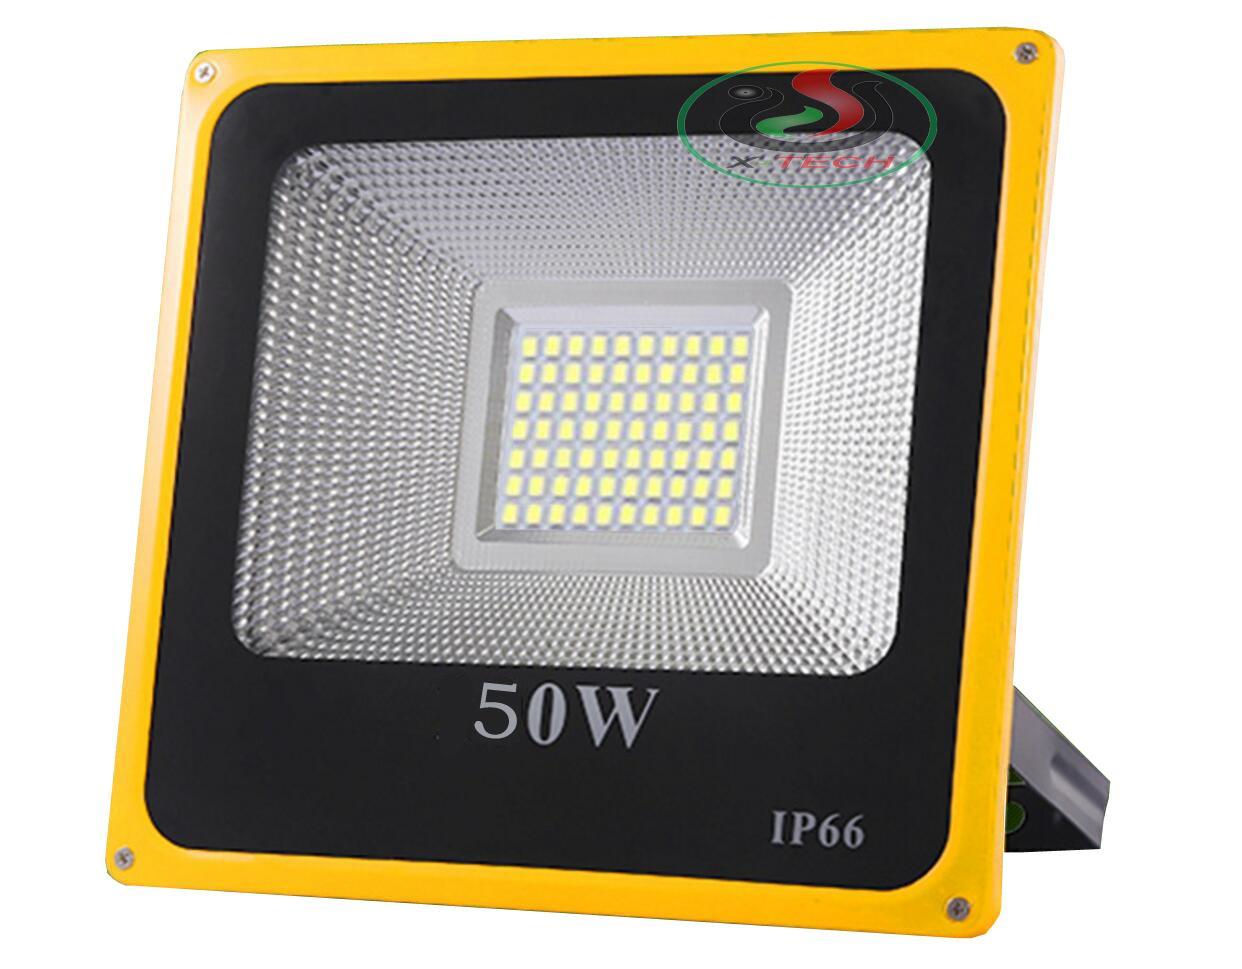 Đèn Led Pha 50W IP66 Ngoài Trời H-50 Chống Mưa Tuổi Thọ Cao 220V Viền Vàng (Ánh sáng trắng)